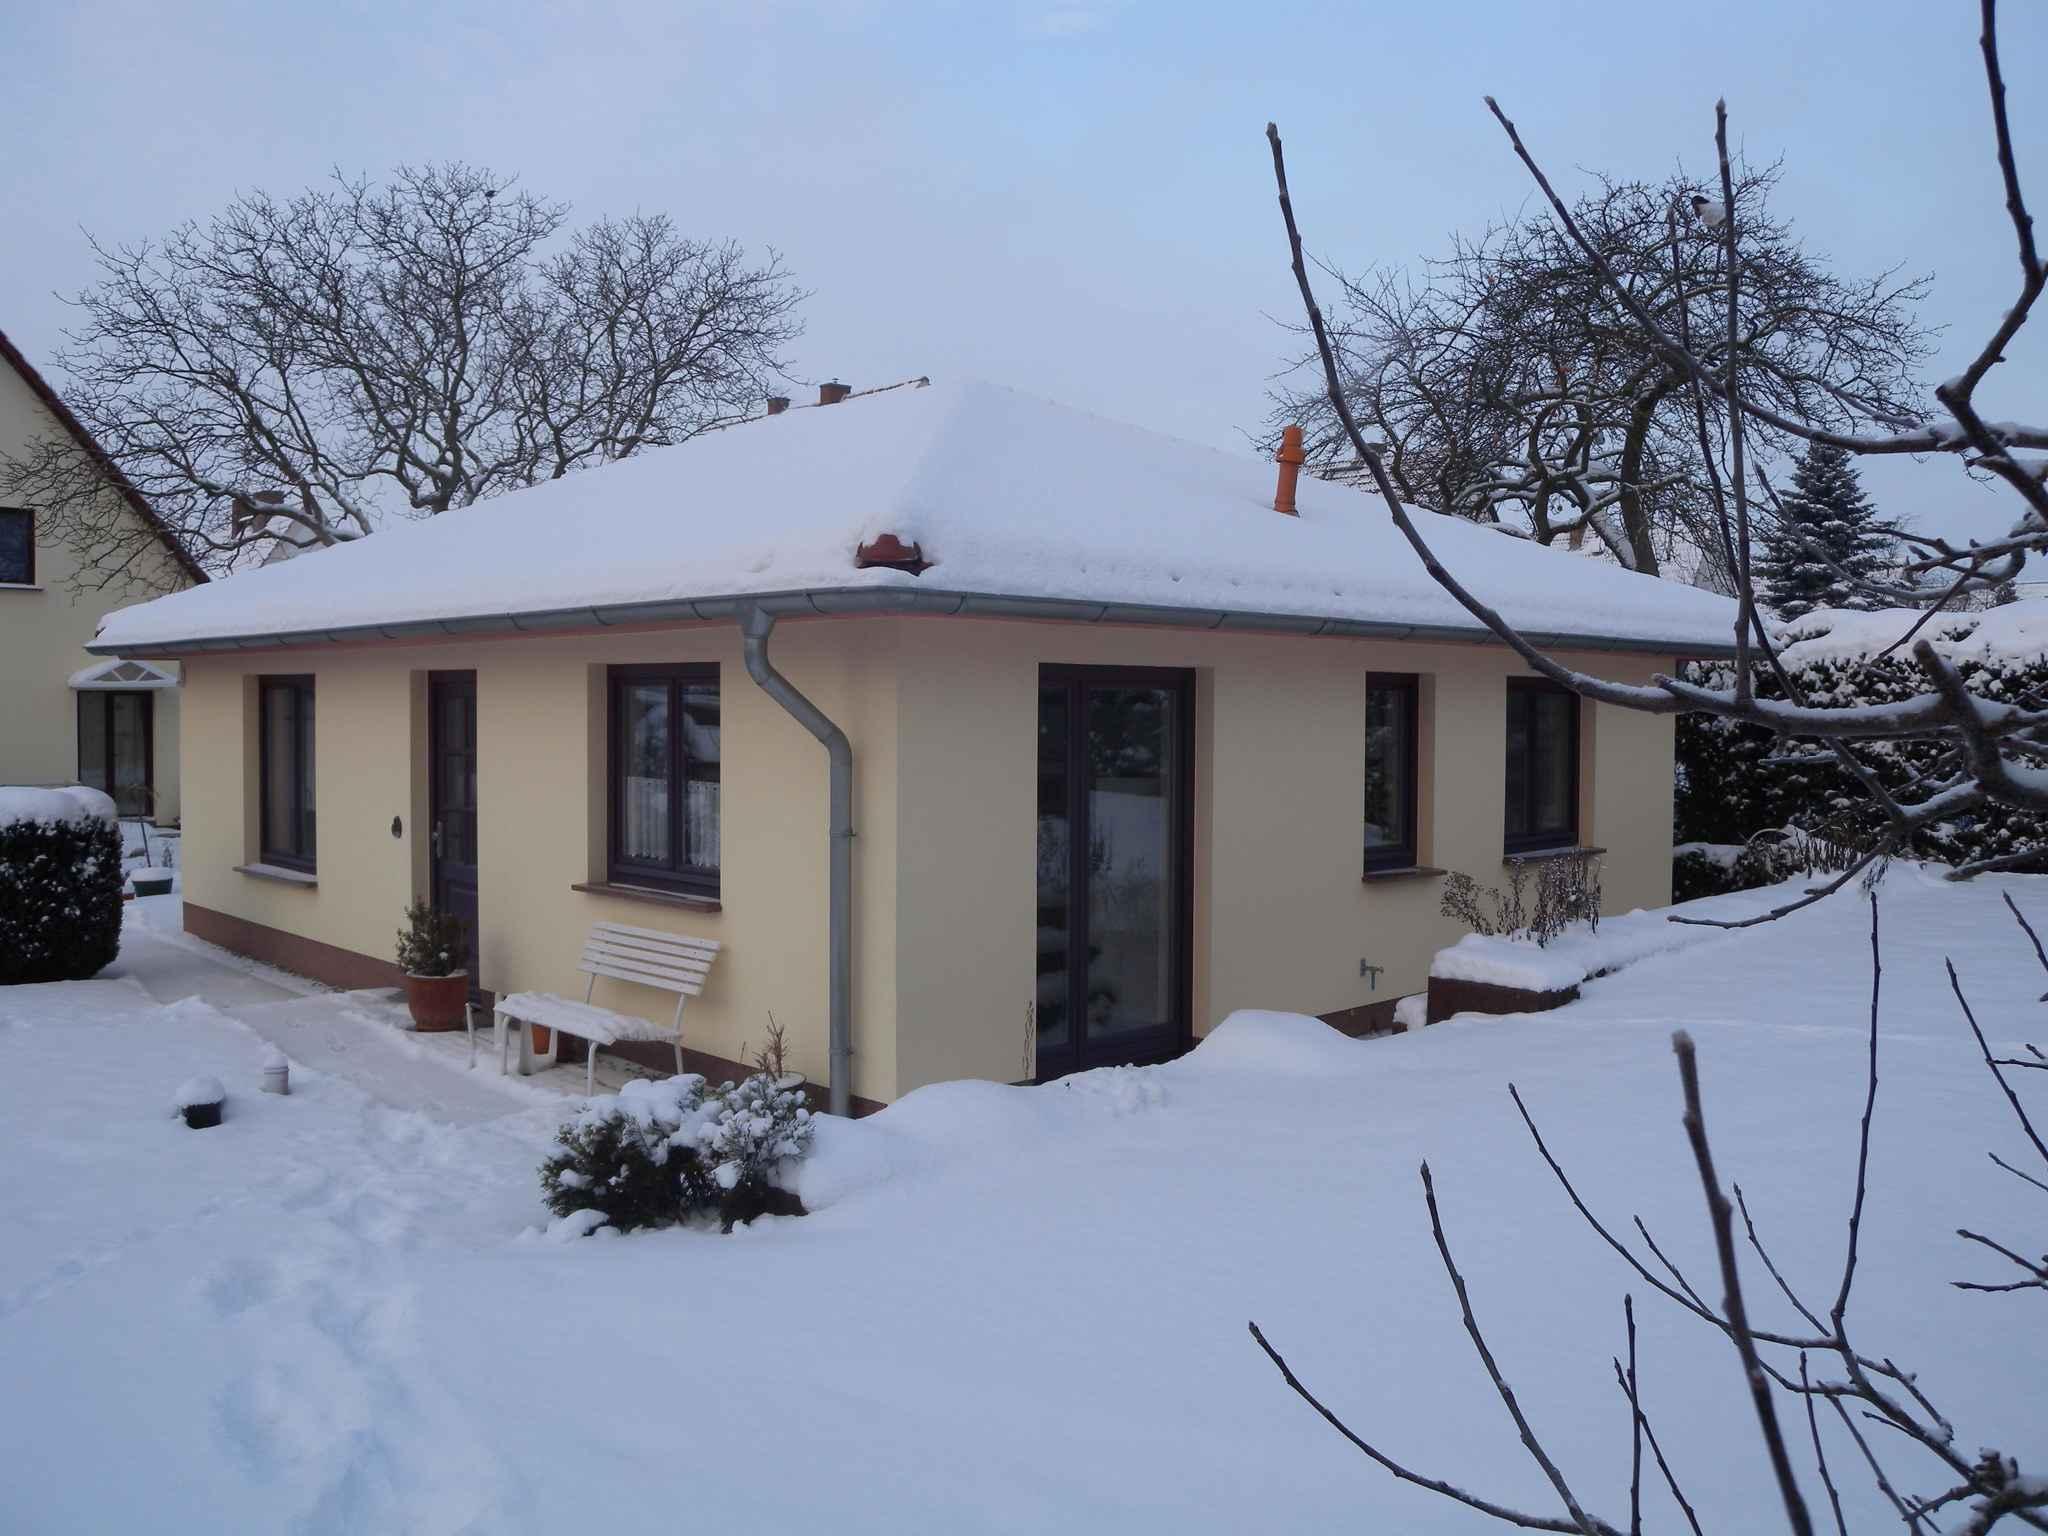 Ferienhaus Bungalow Ferienhaus mit Terrasse und Garten (358672), Bergen (Rügen), Rügen, Mecklenburg-Vorpommern, Deutschland, Bild 7